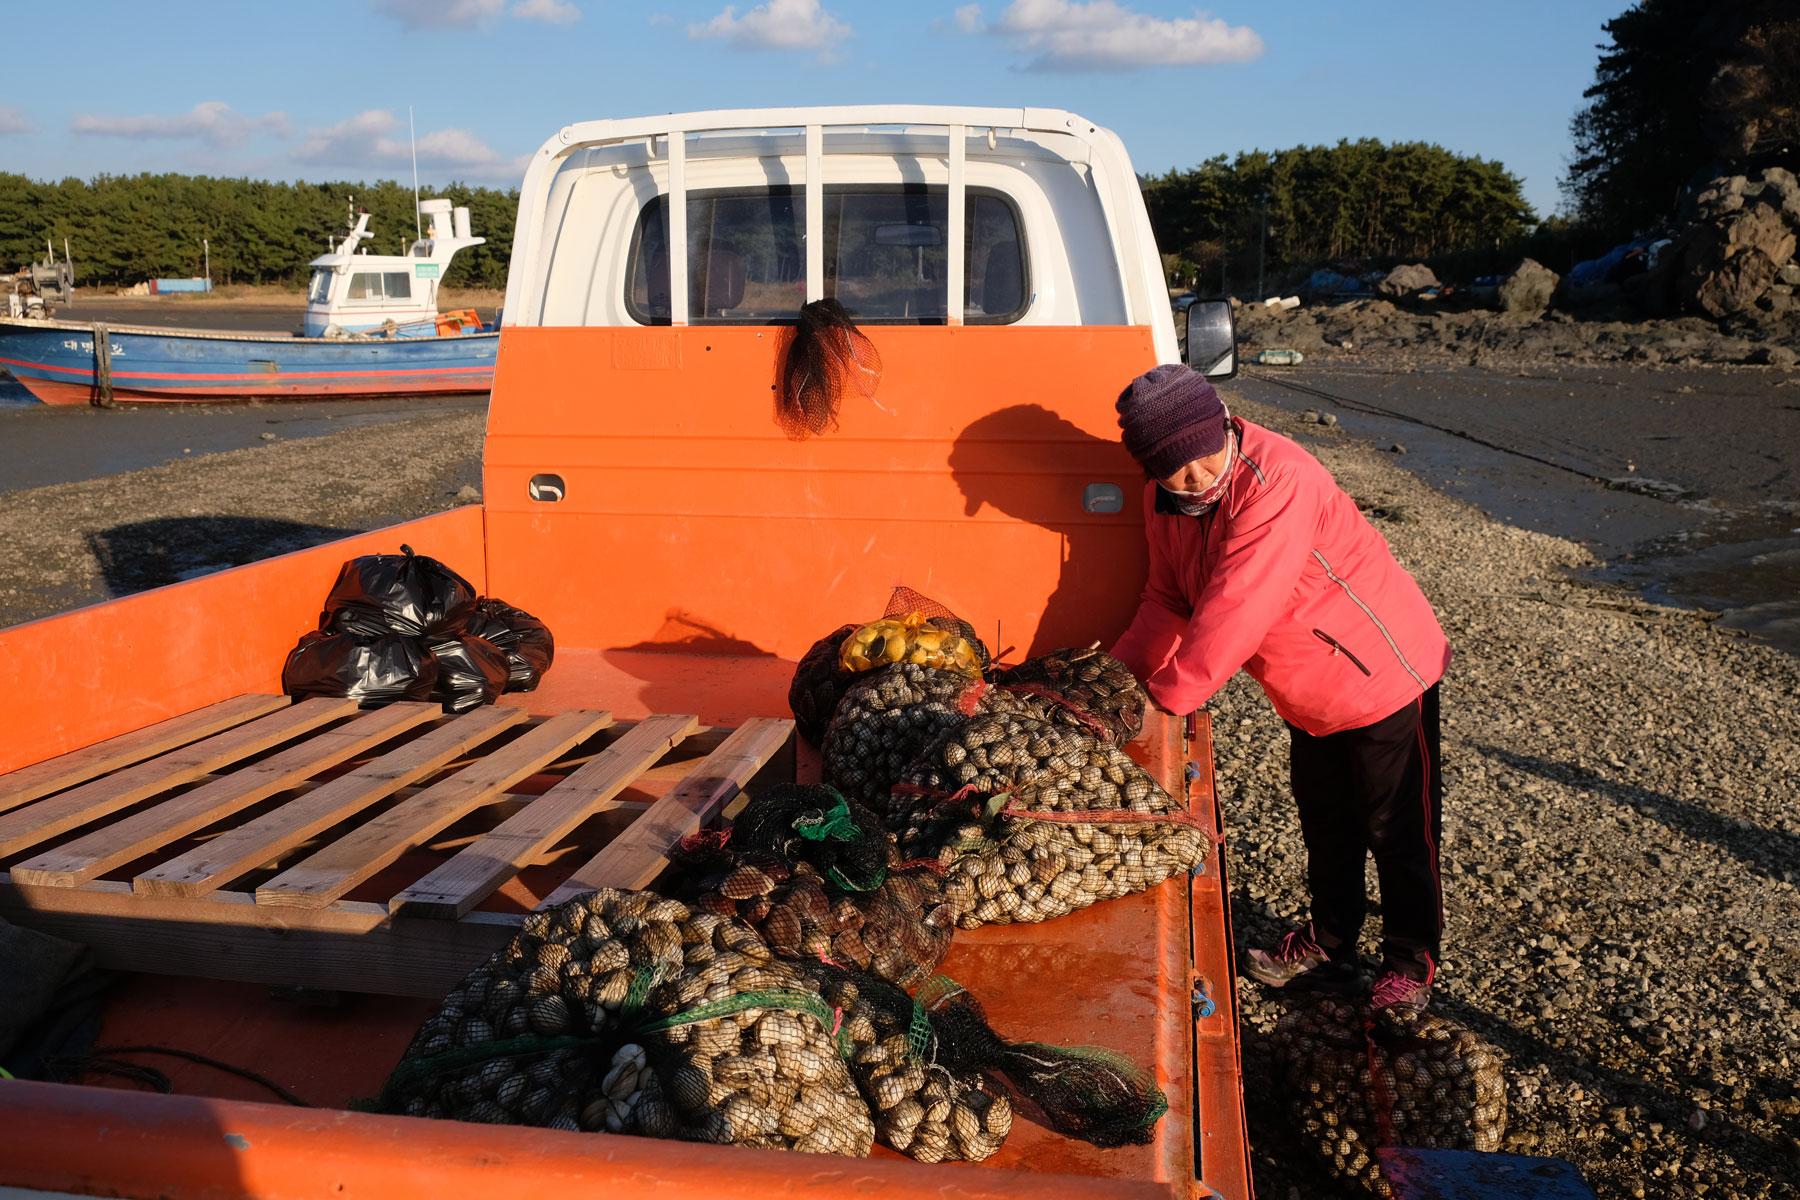 Muscheln werden auf der Ladefläche eines kleinen Transporters gewogen.